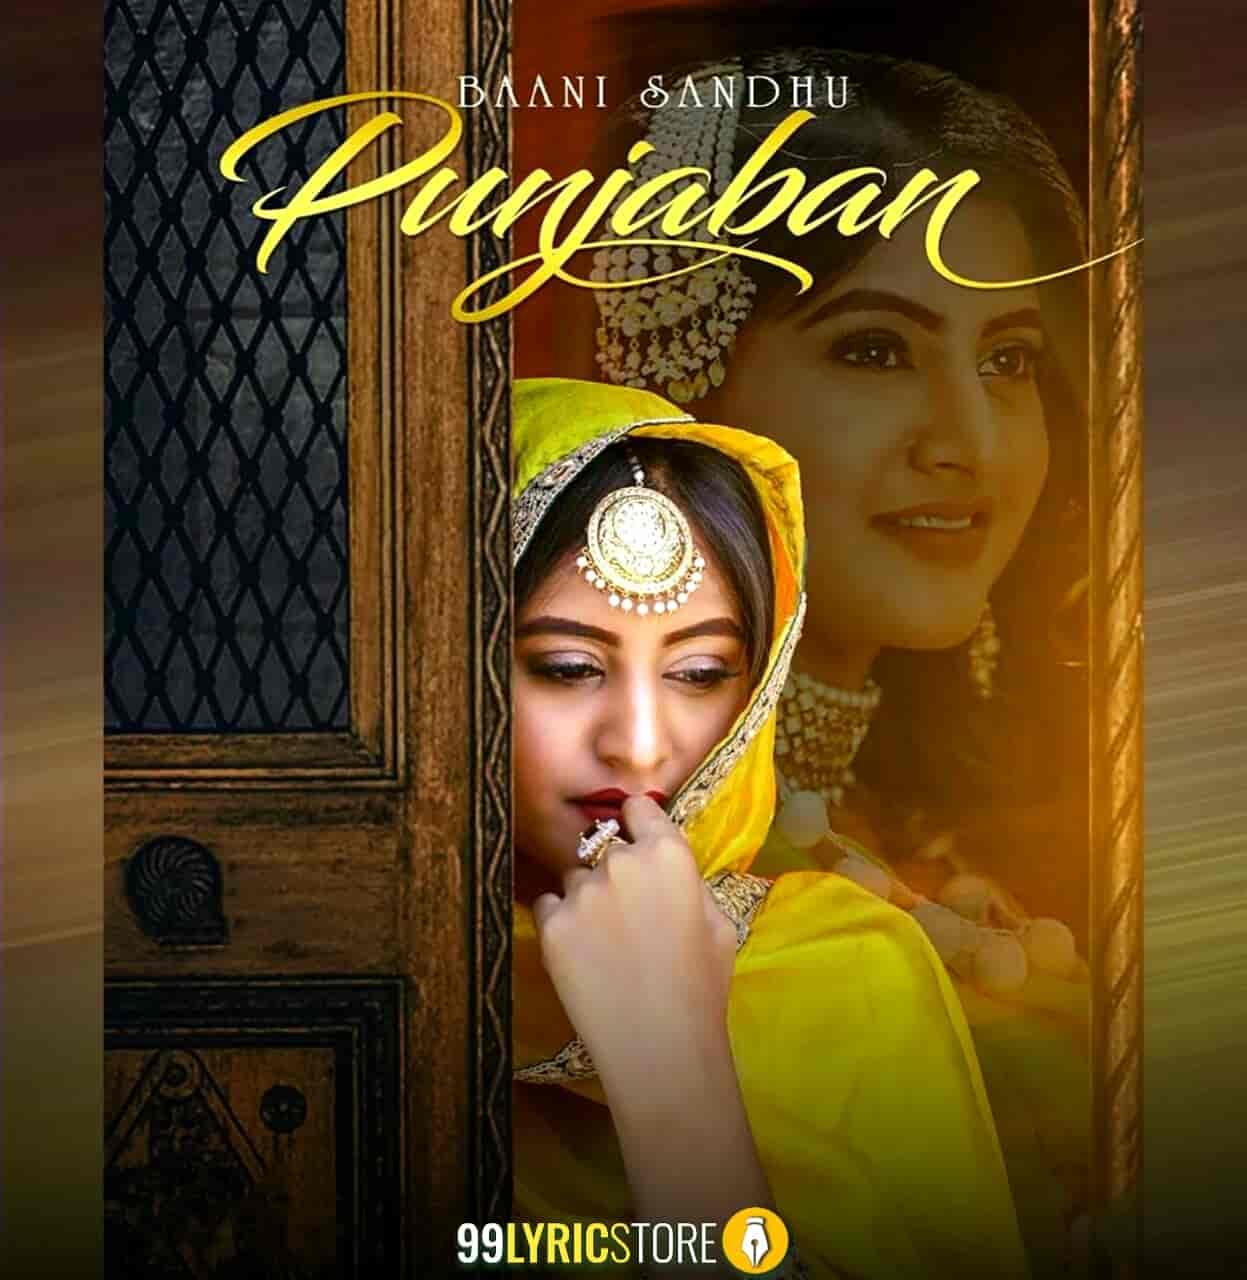 Punjaban Punjabi Songs Images Baani Sandhu